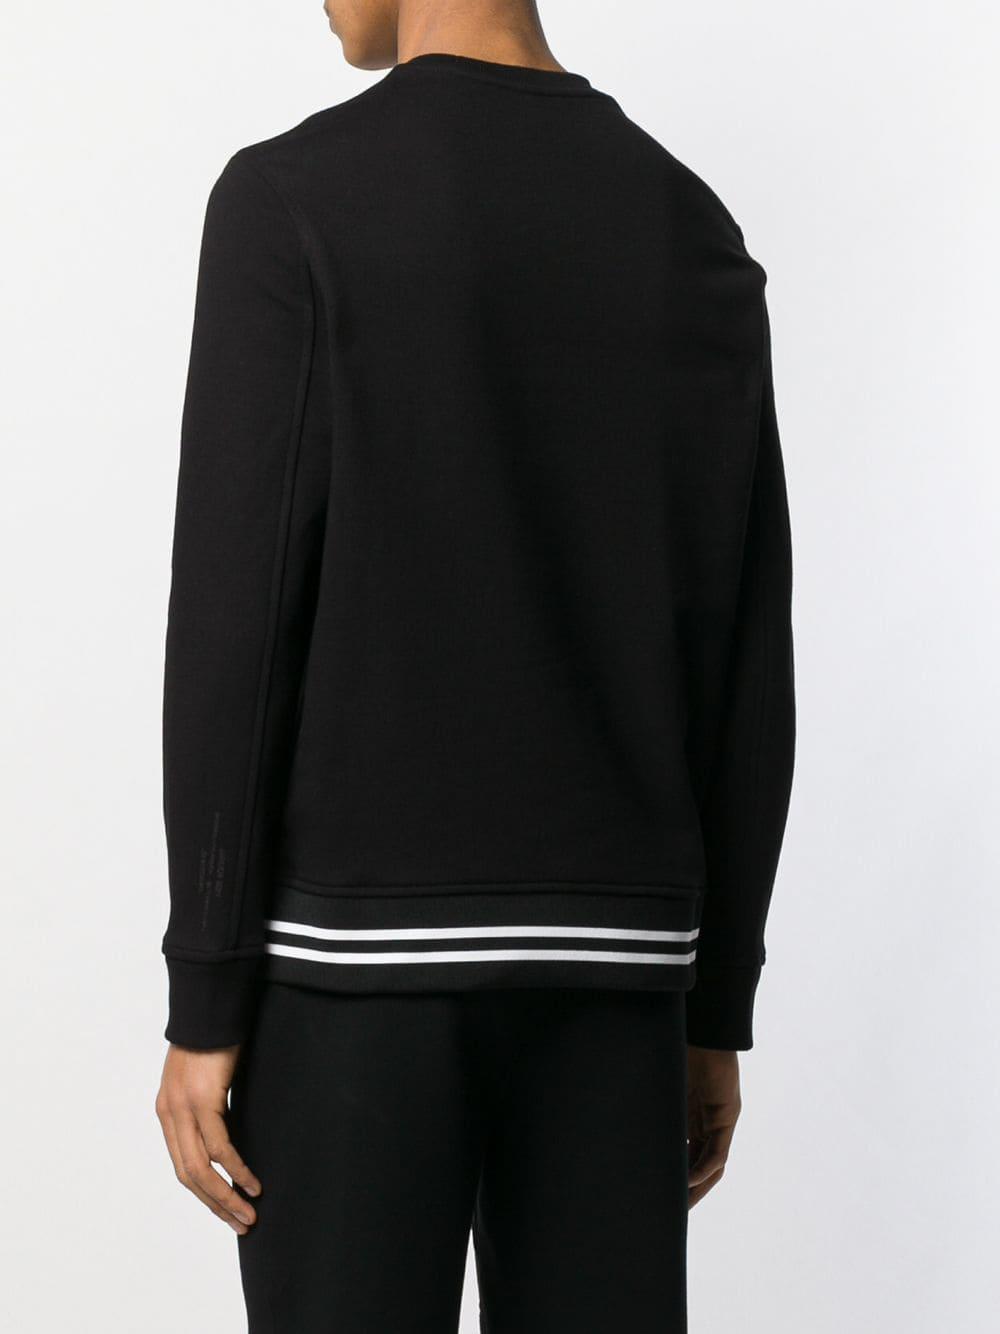 Neil Barrett 'gangsta' Sweater in het Zwart voor heren - Bespaar 5%